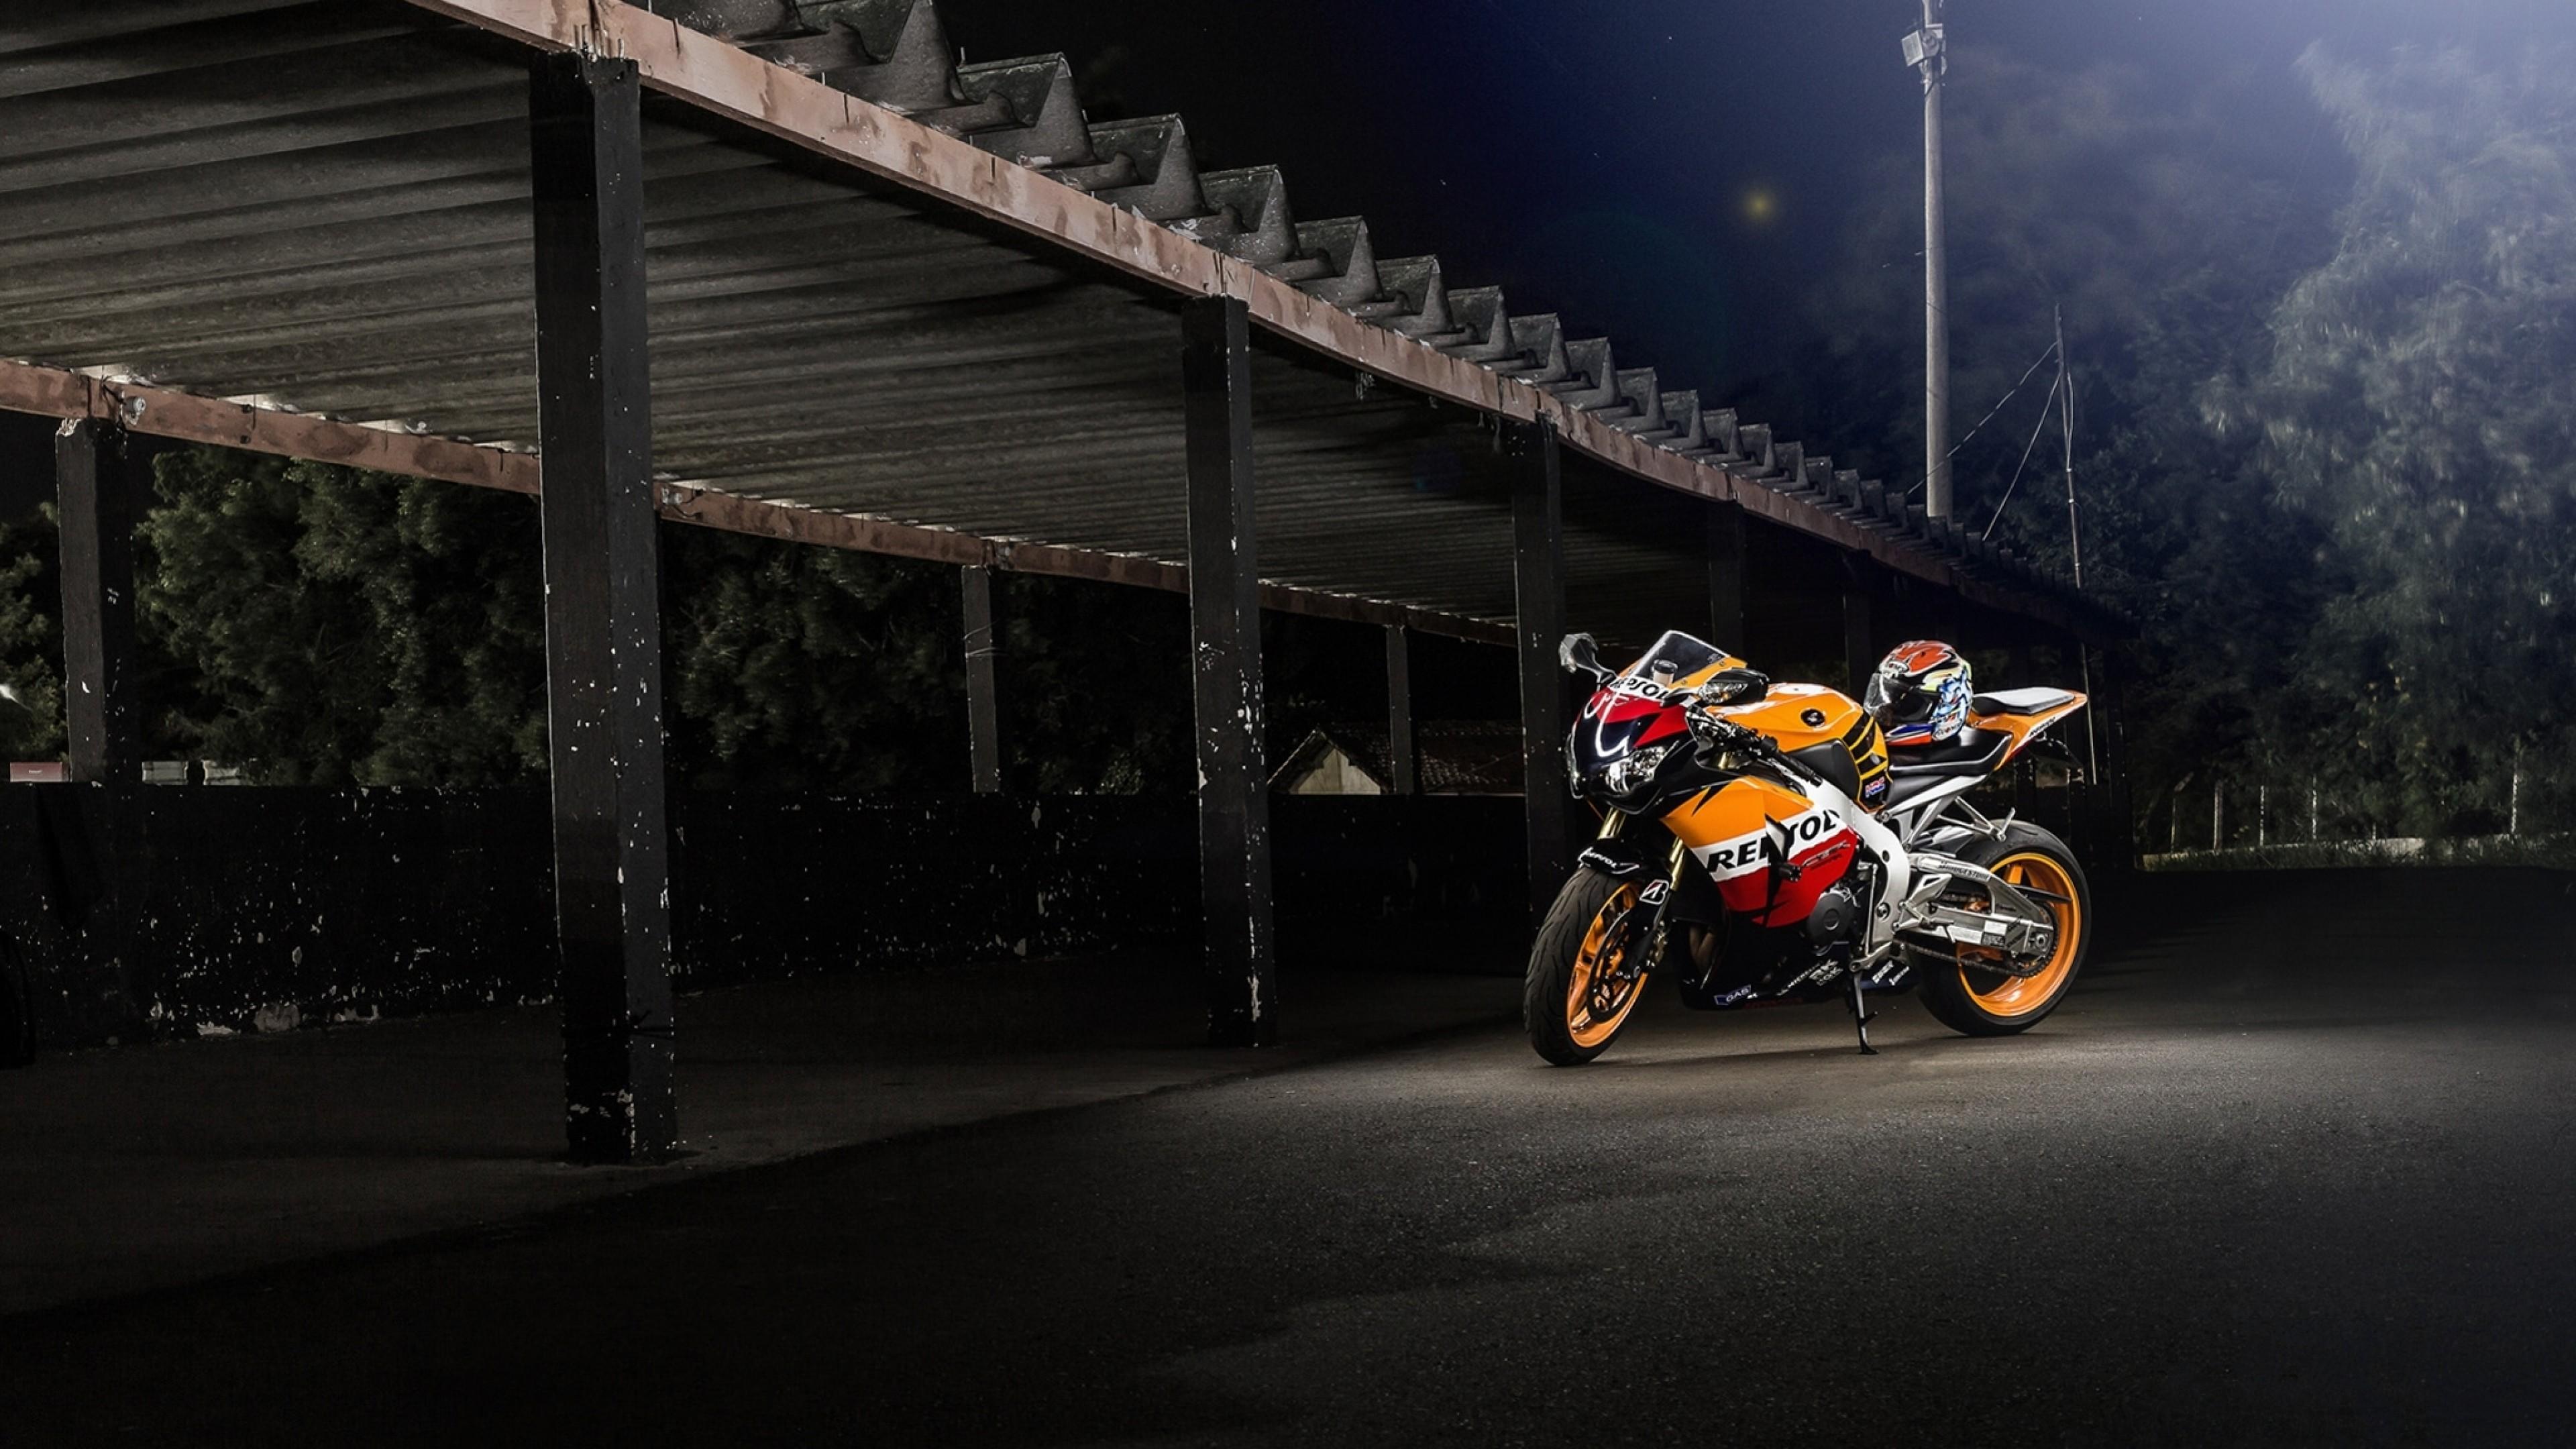 Honda Cbr Motorcycle 4k Hd Desktop Wallpaper For 4k Ultra: Cbr1000Rr Wallpaper (62+ Images